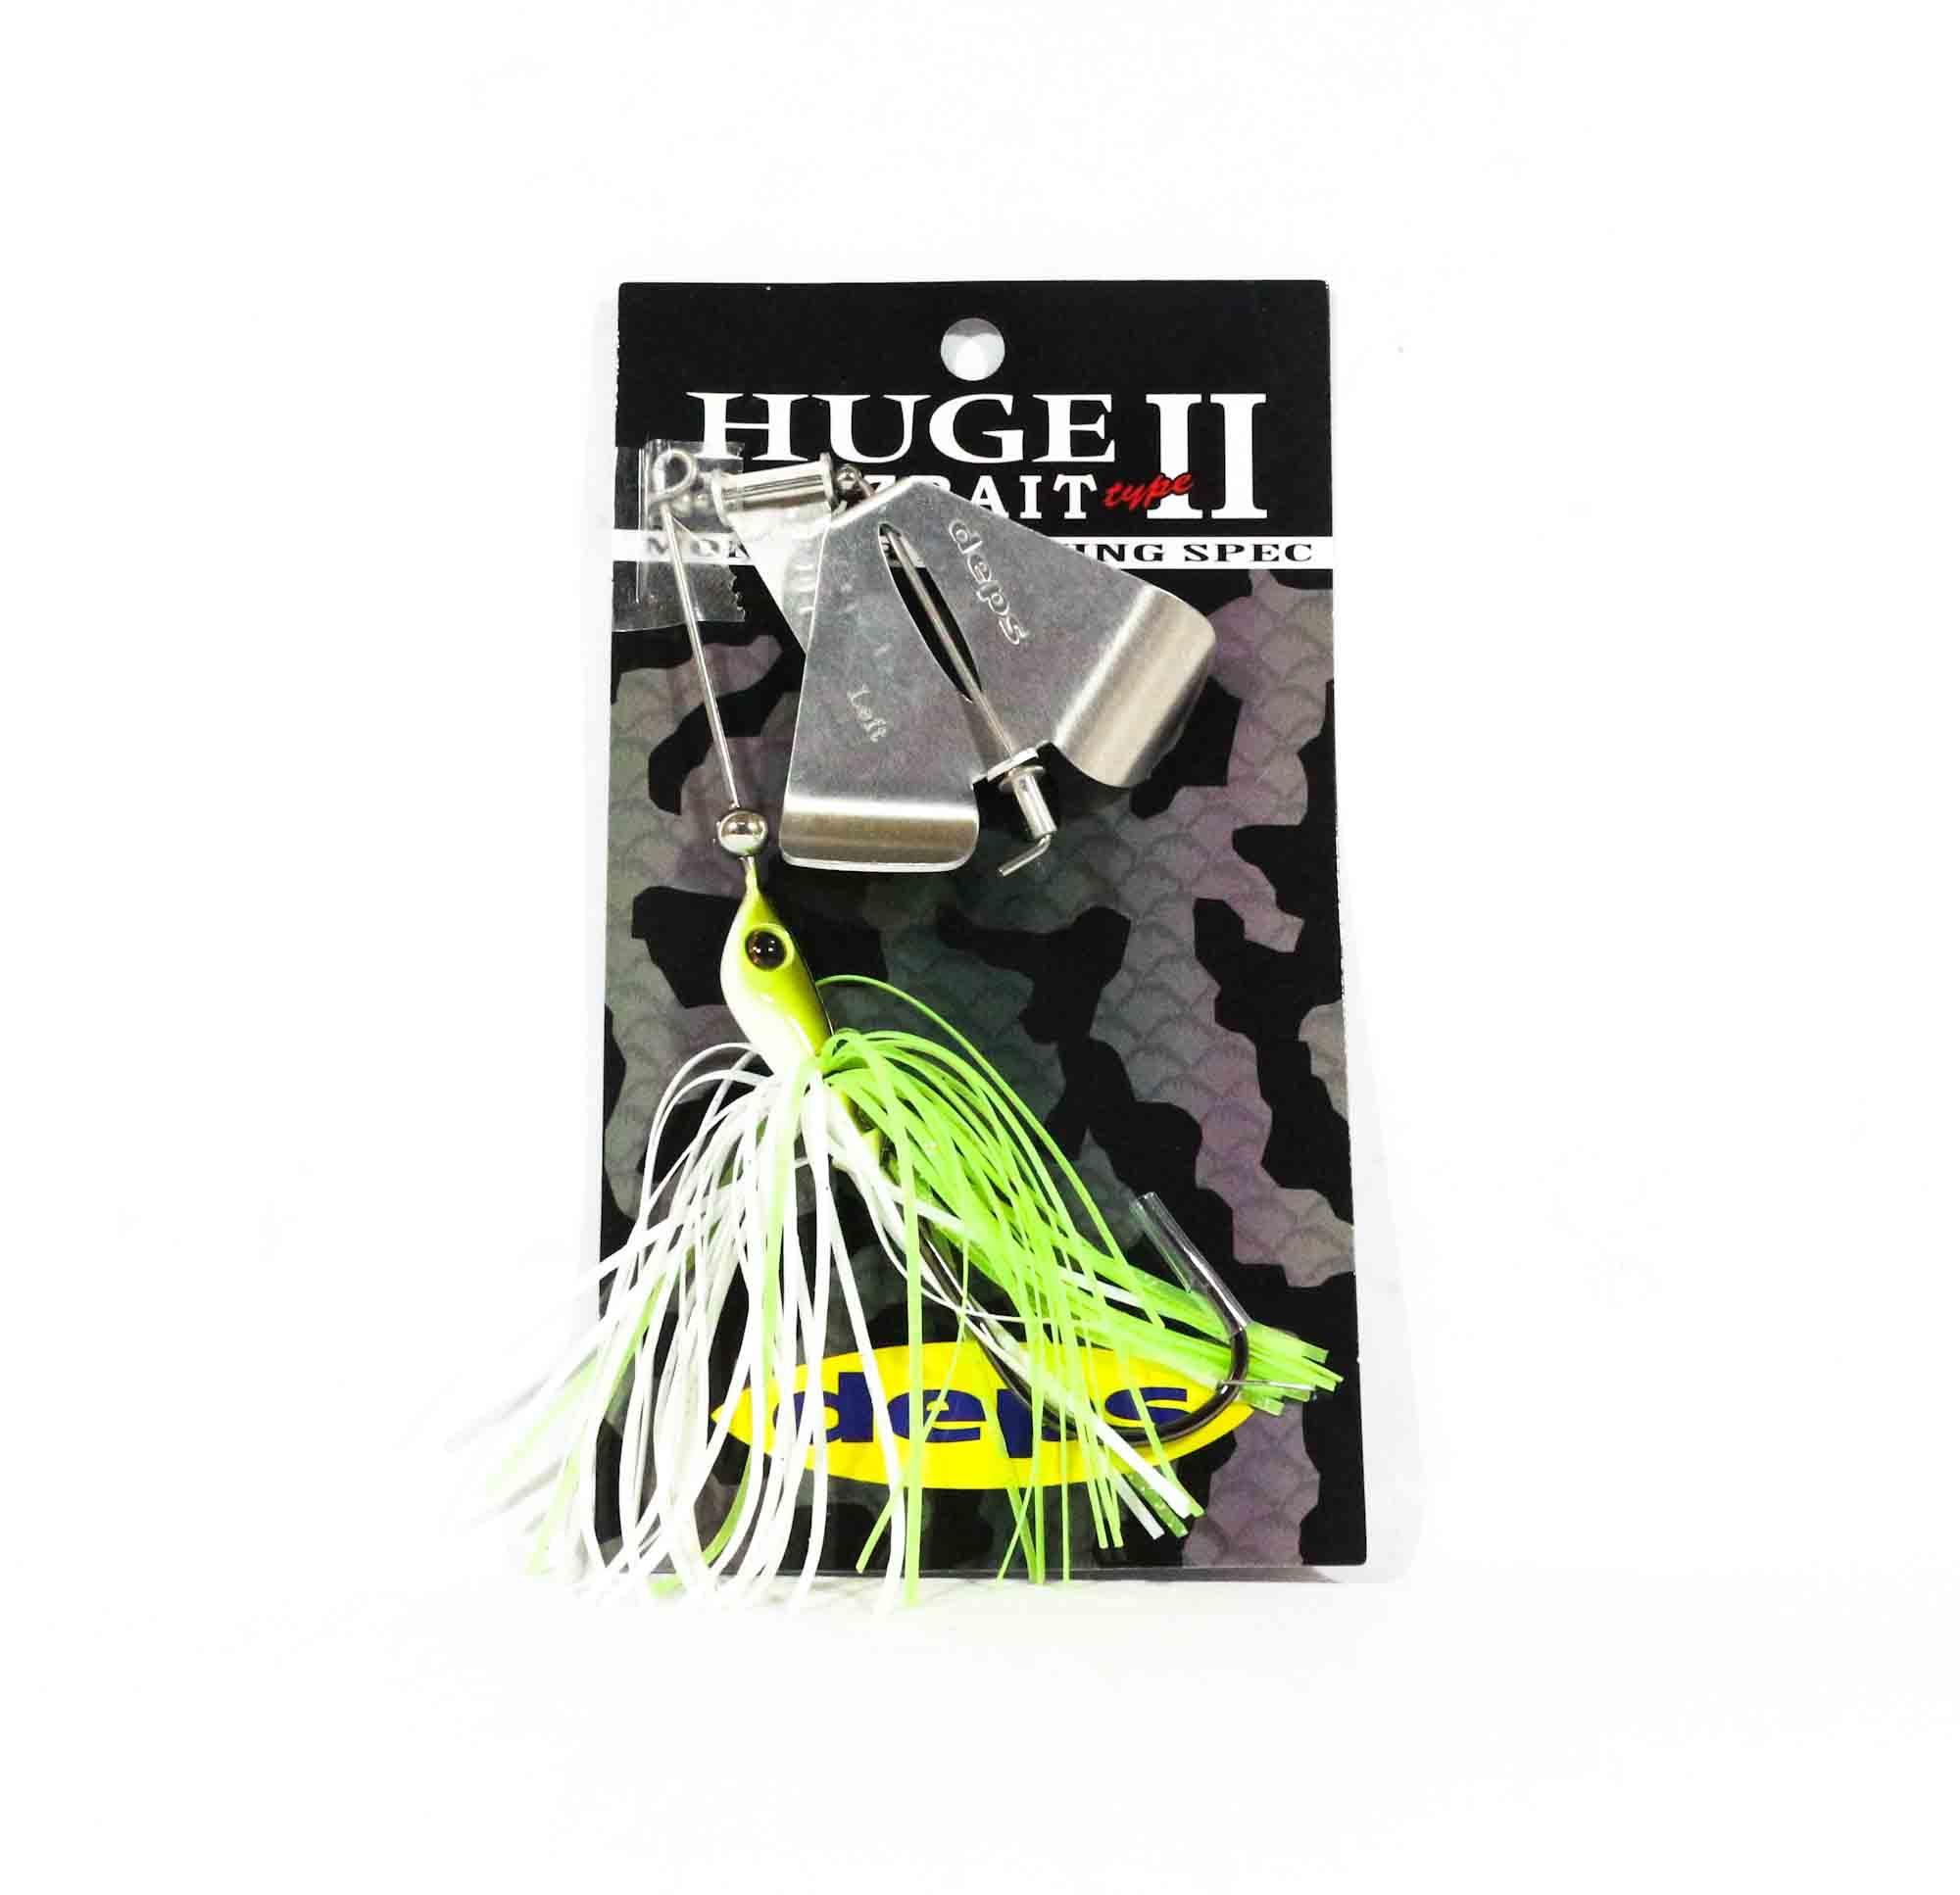 Deps Huge Custom Buzz Bait Type II 1/2 oz Hook Size 9/0 04 (3044)